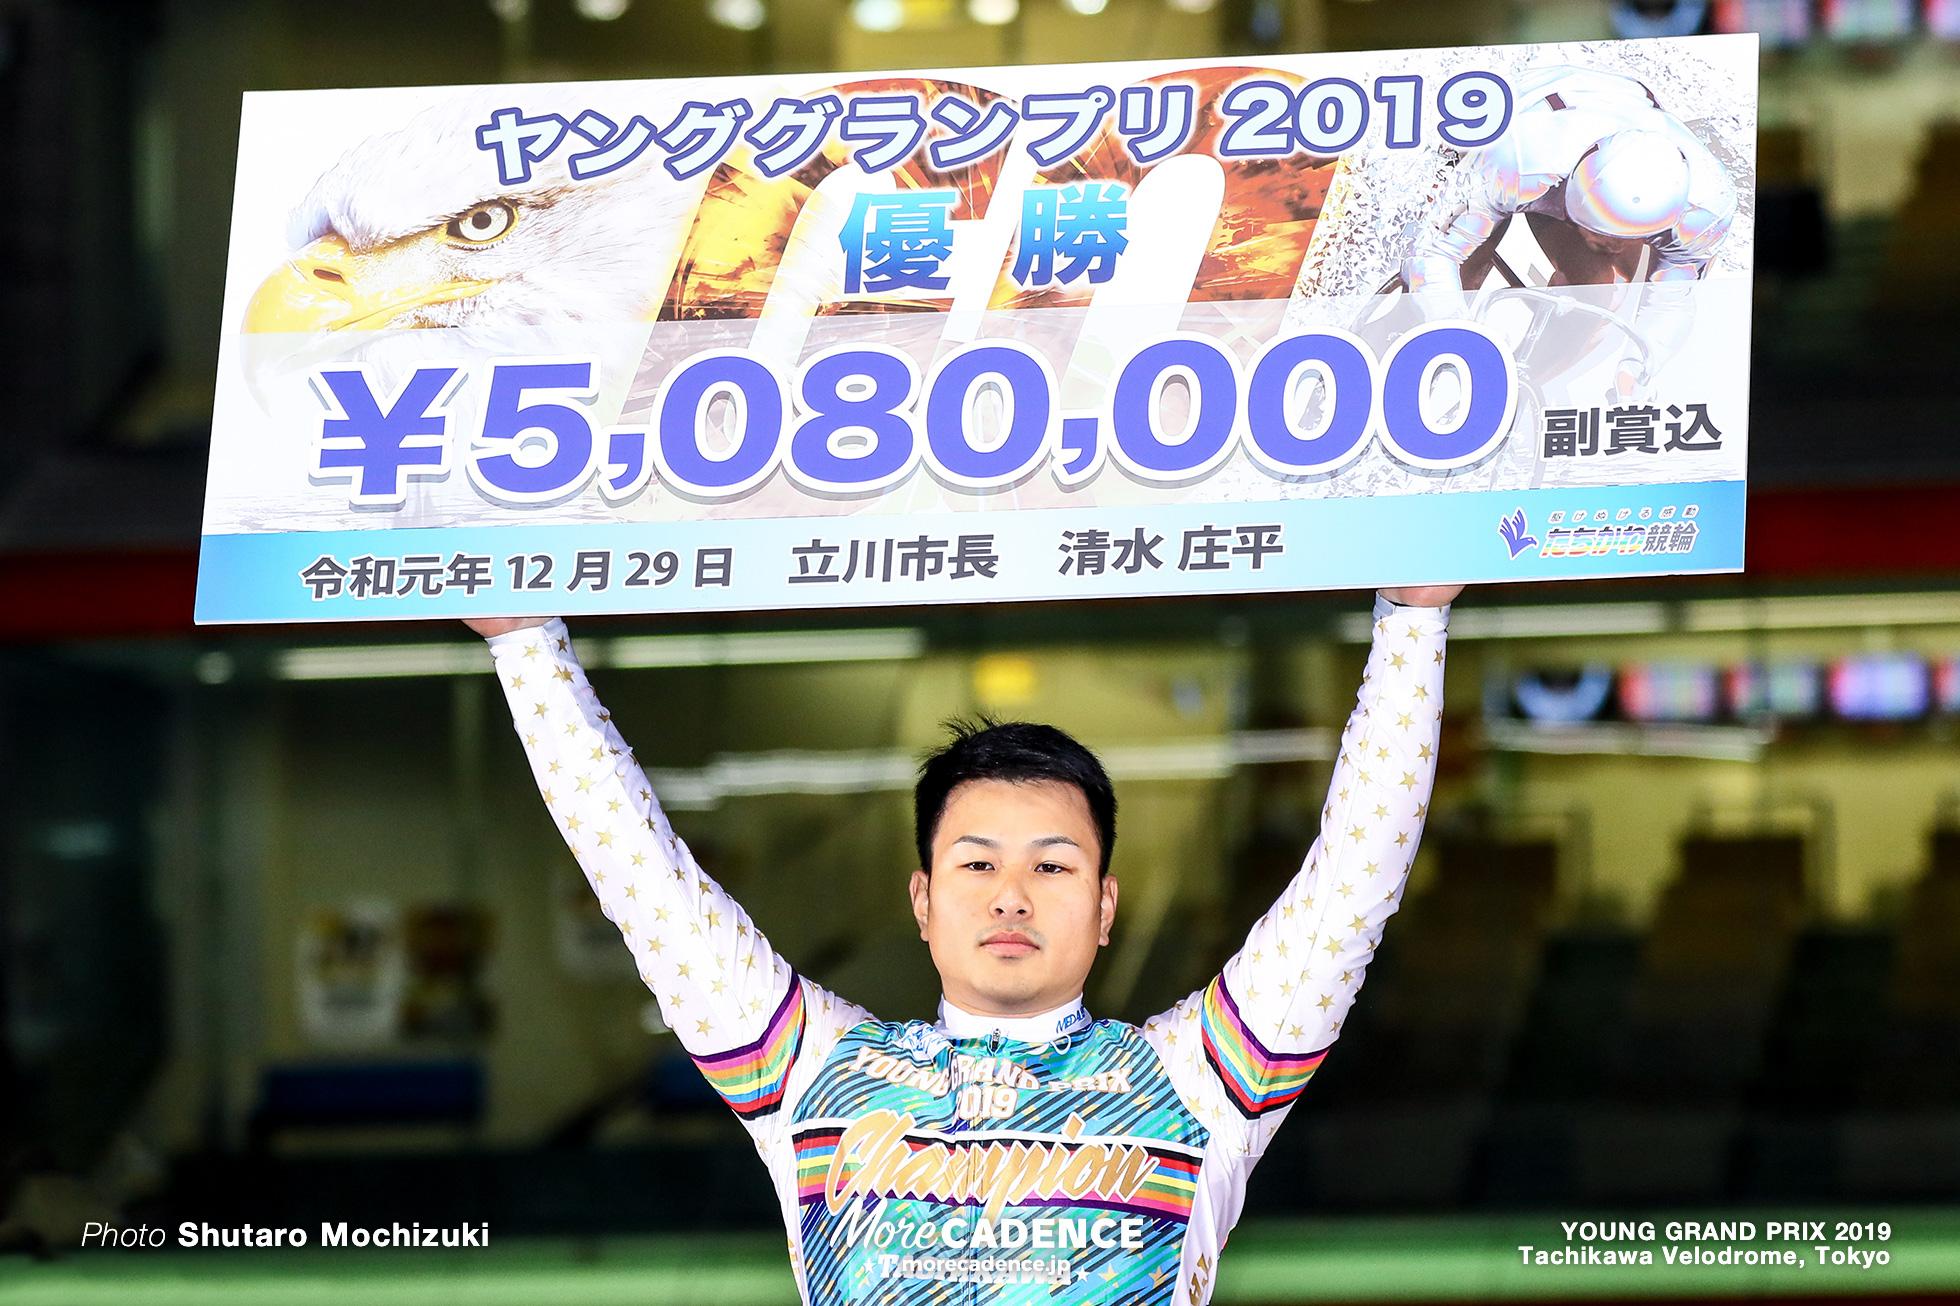 松本貴治 KEIRINグランプリ2019 ヤンググランプリ